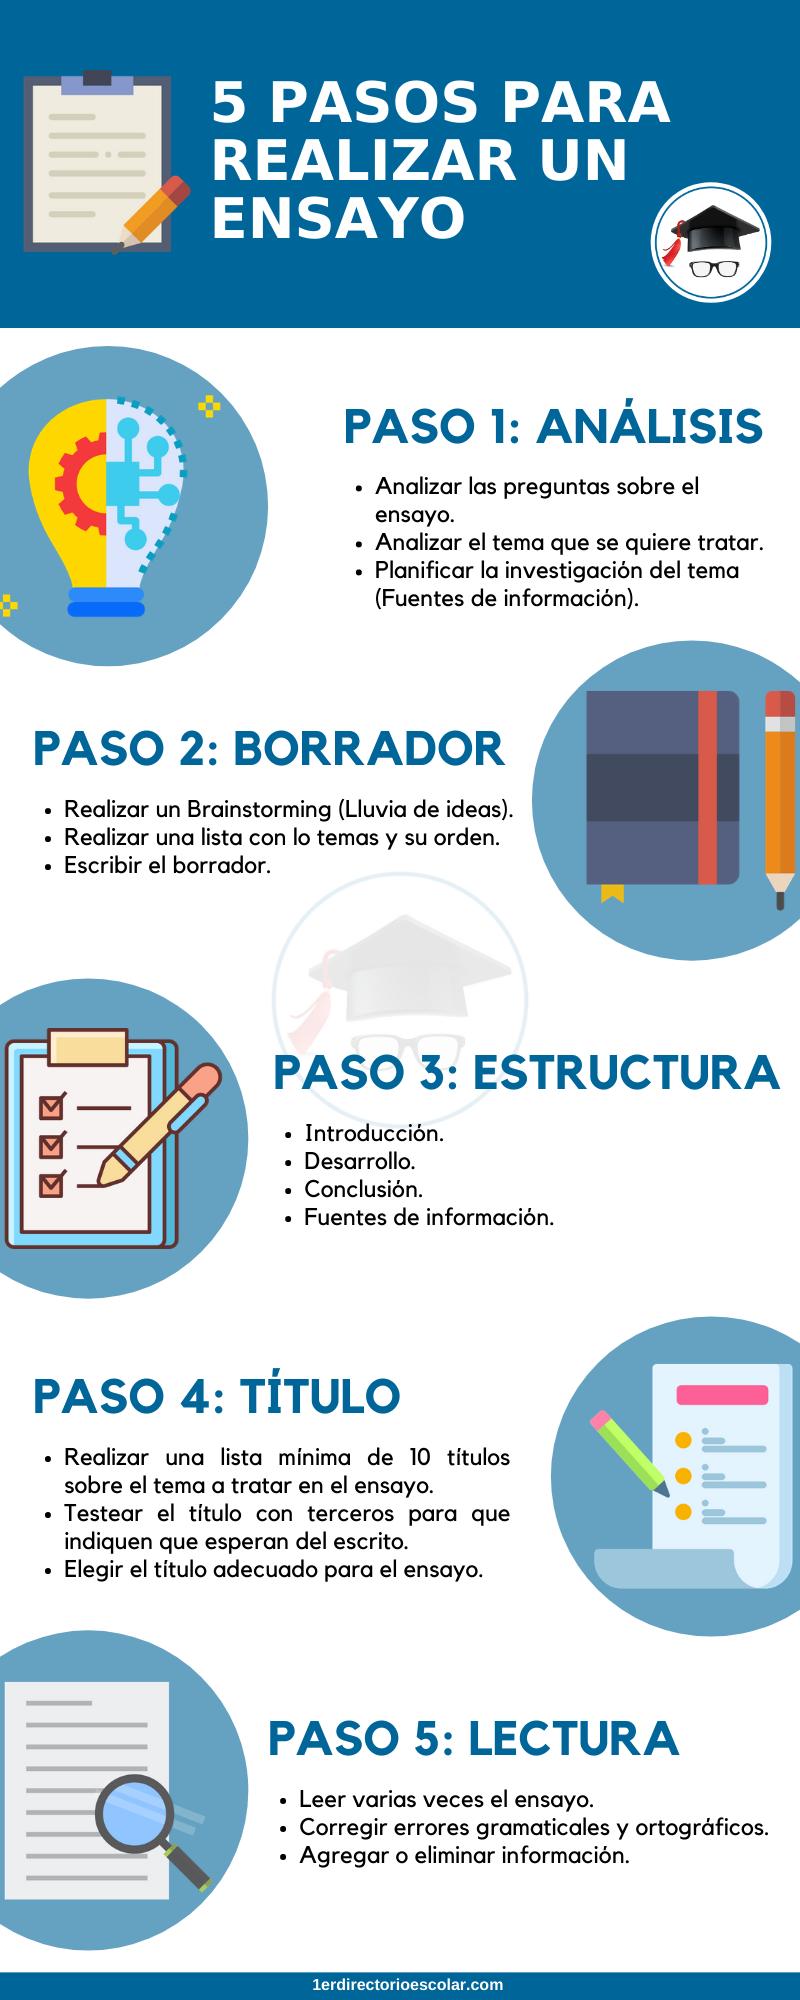 5-pasos-para-realizar-un-ensayo-escuelas